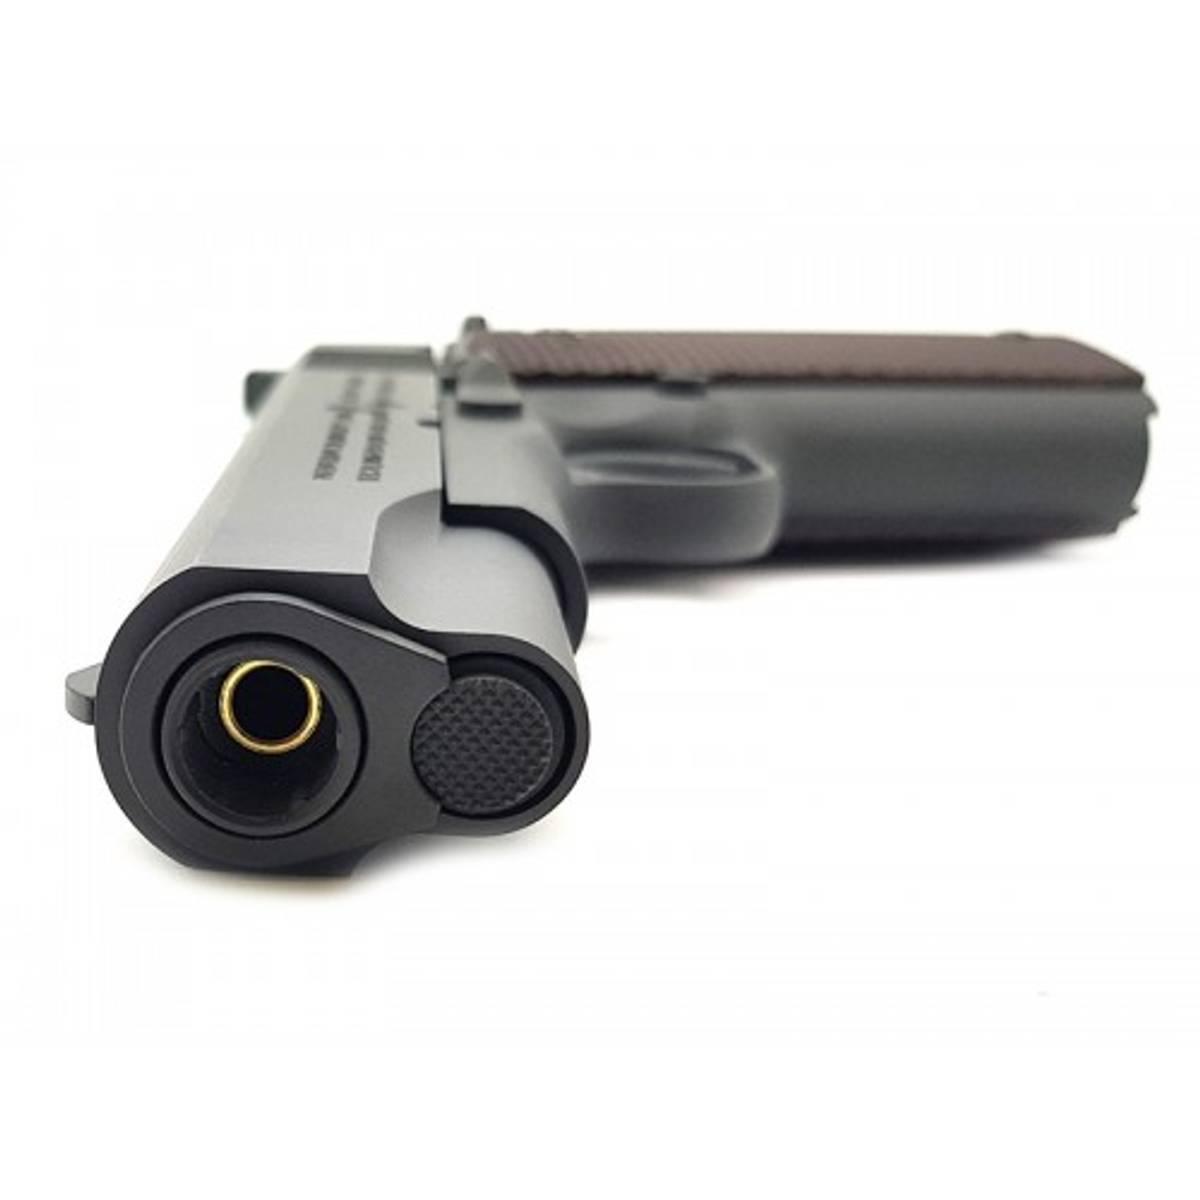 Colt 1911 - 100th Anniversary Modell - Gassdrevet Softgun